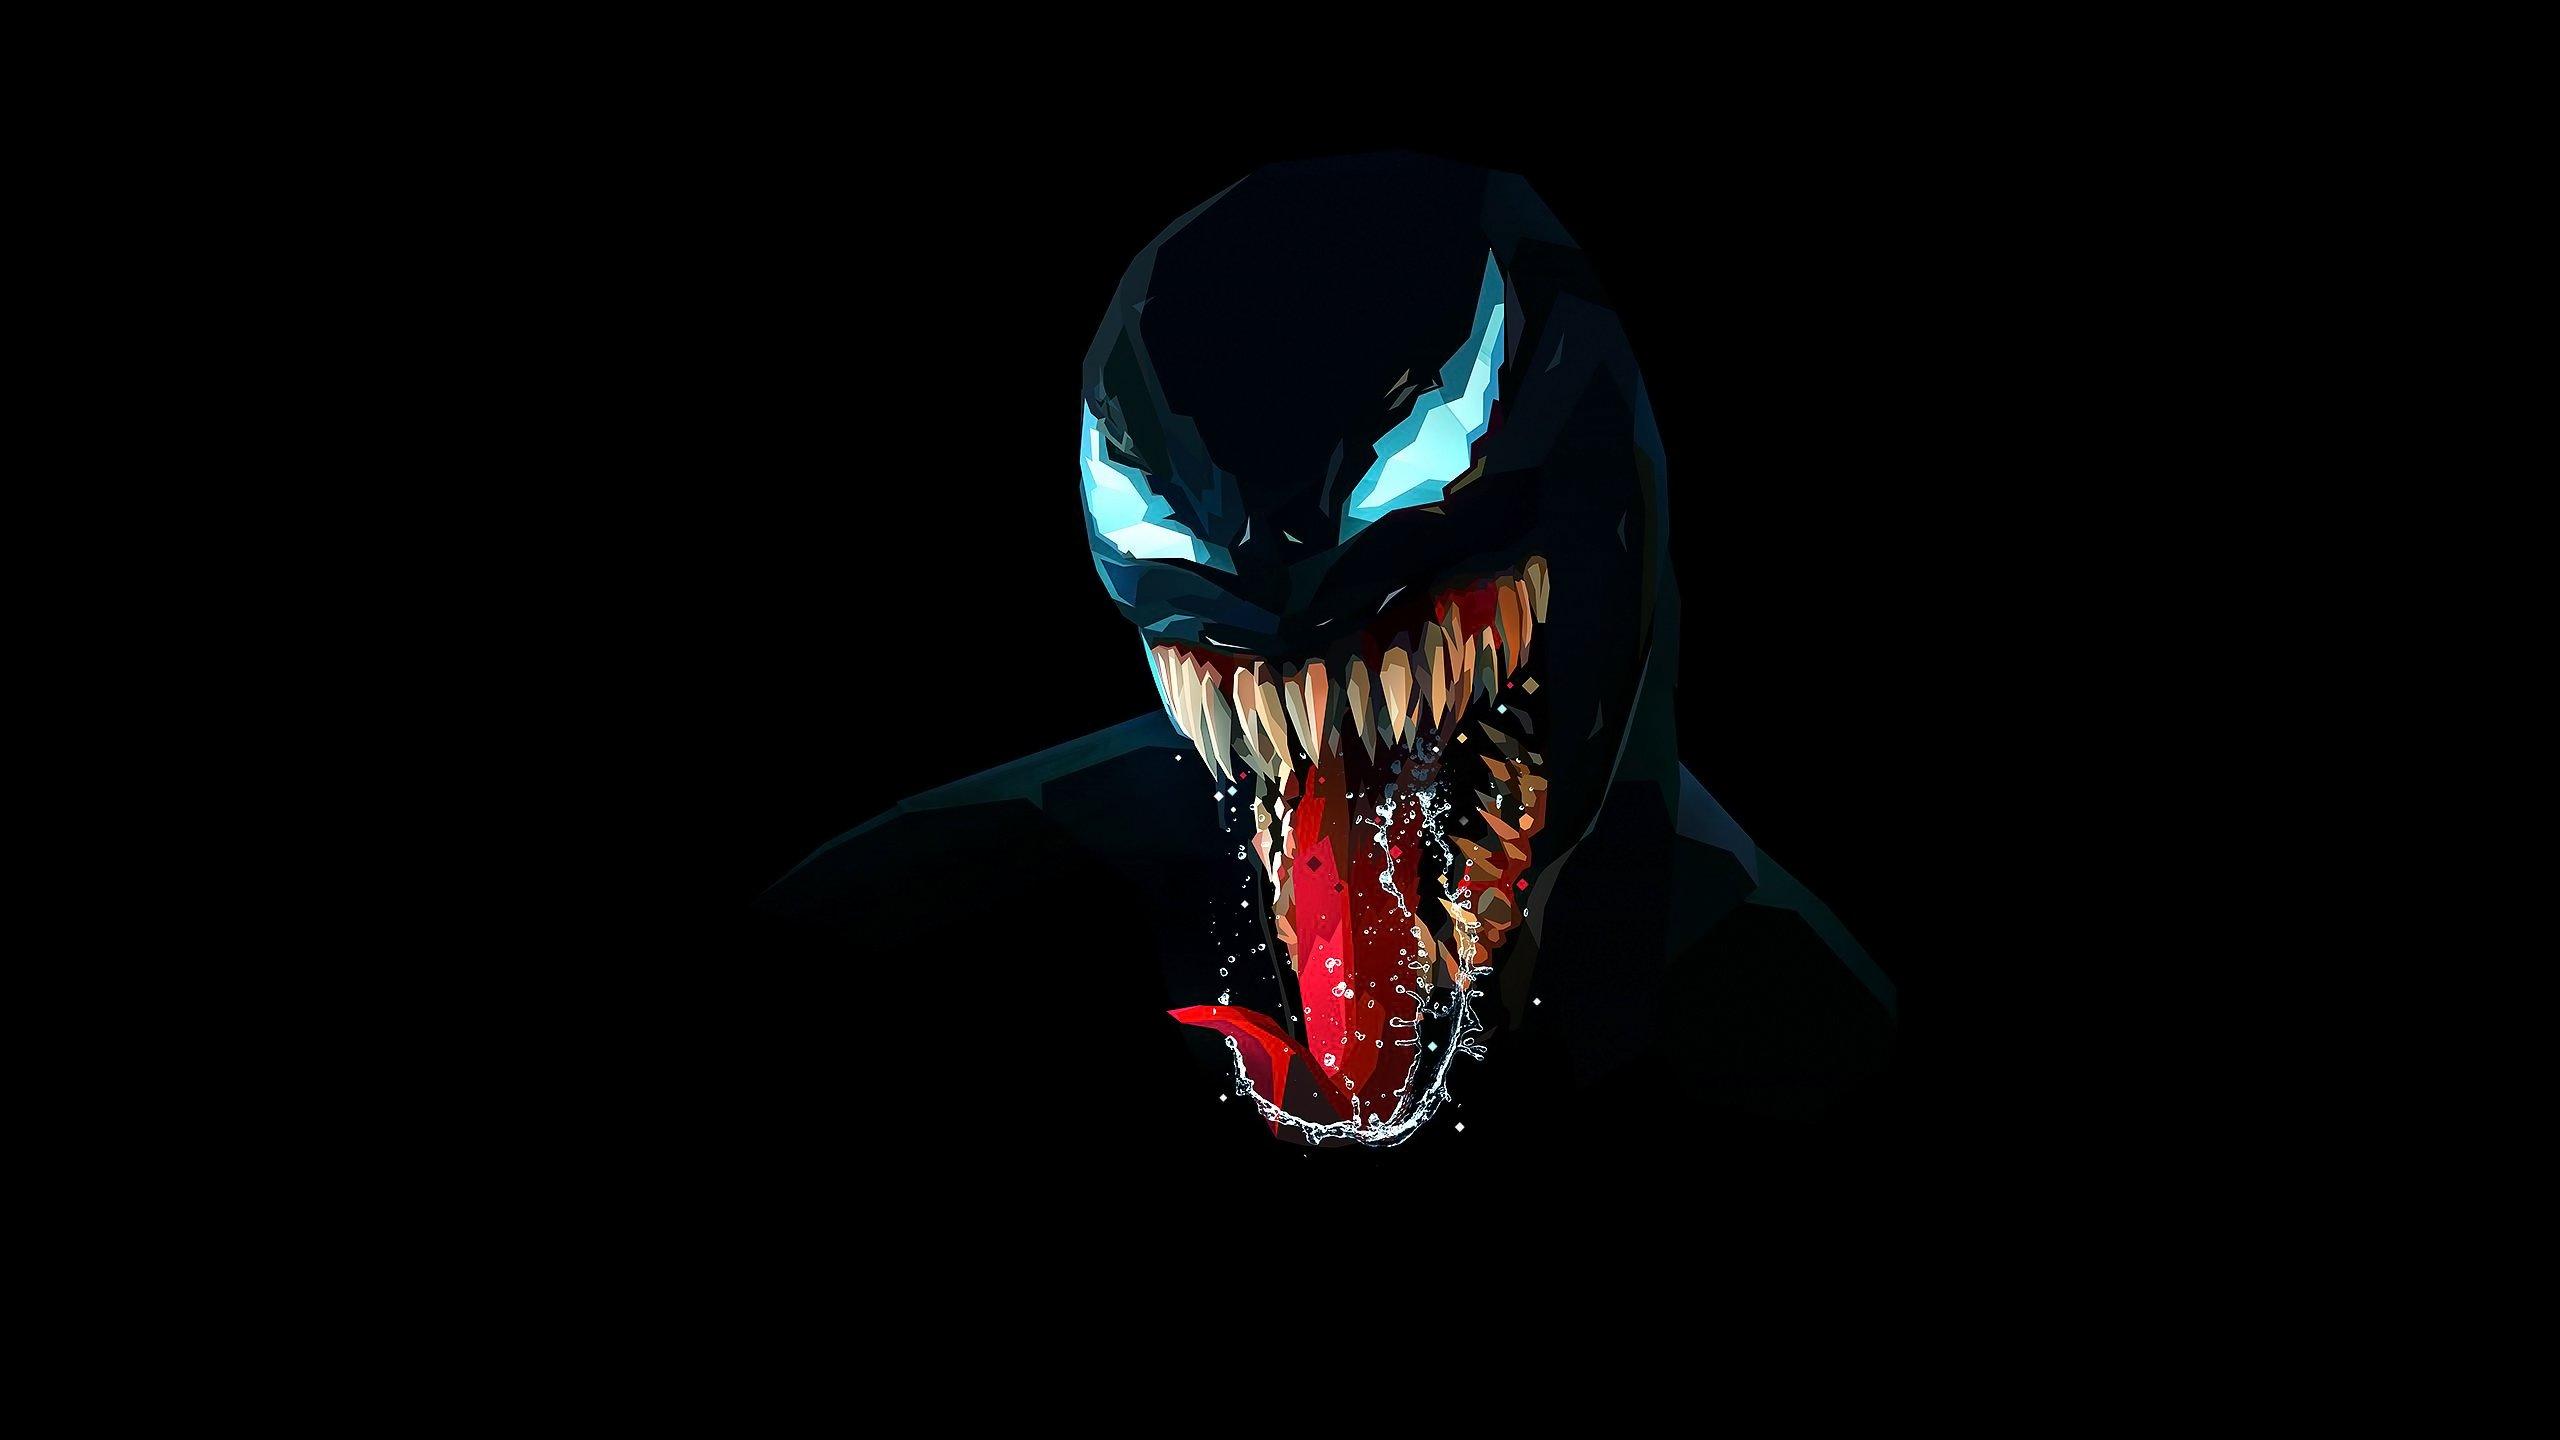 Fondos de pantalla Venom Ilustración minimalista